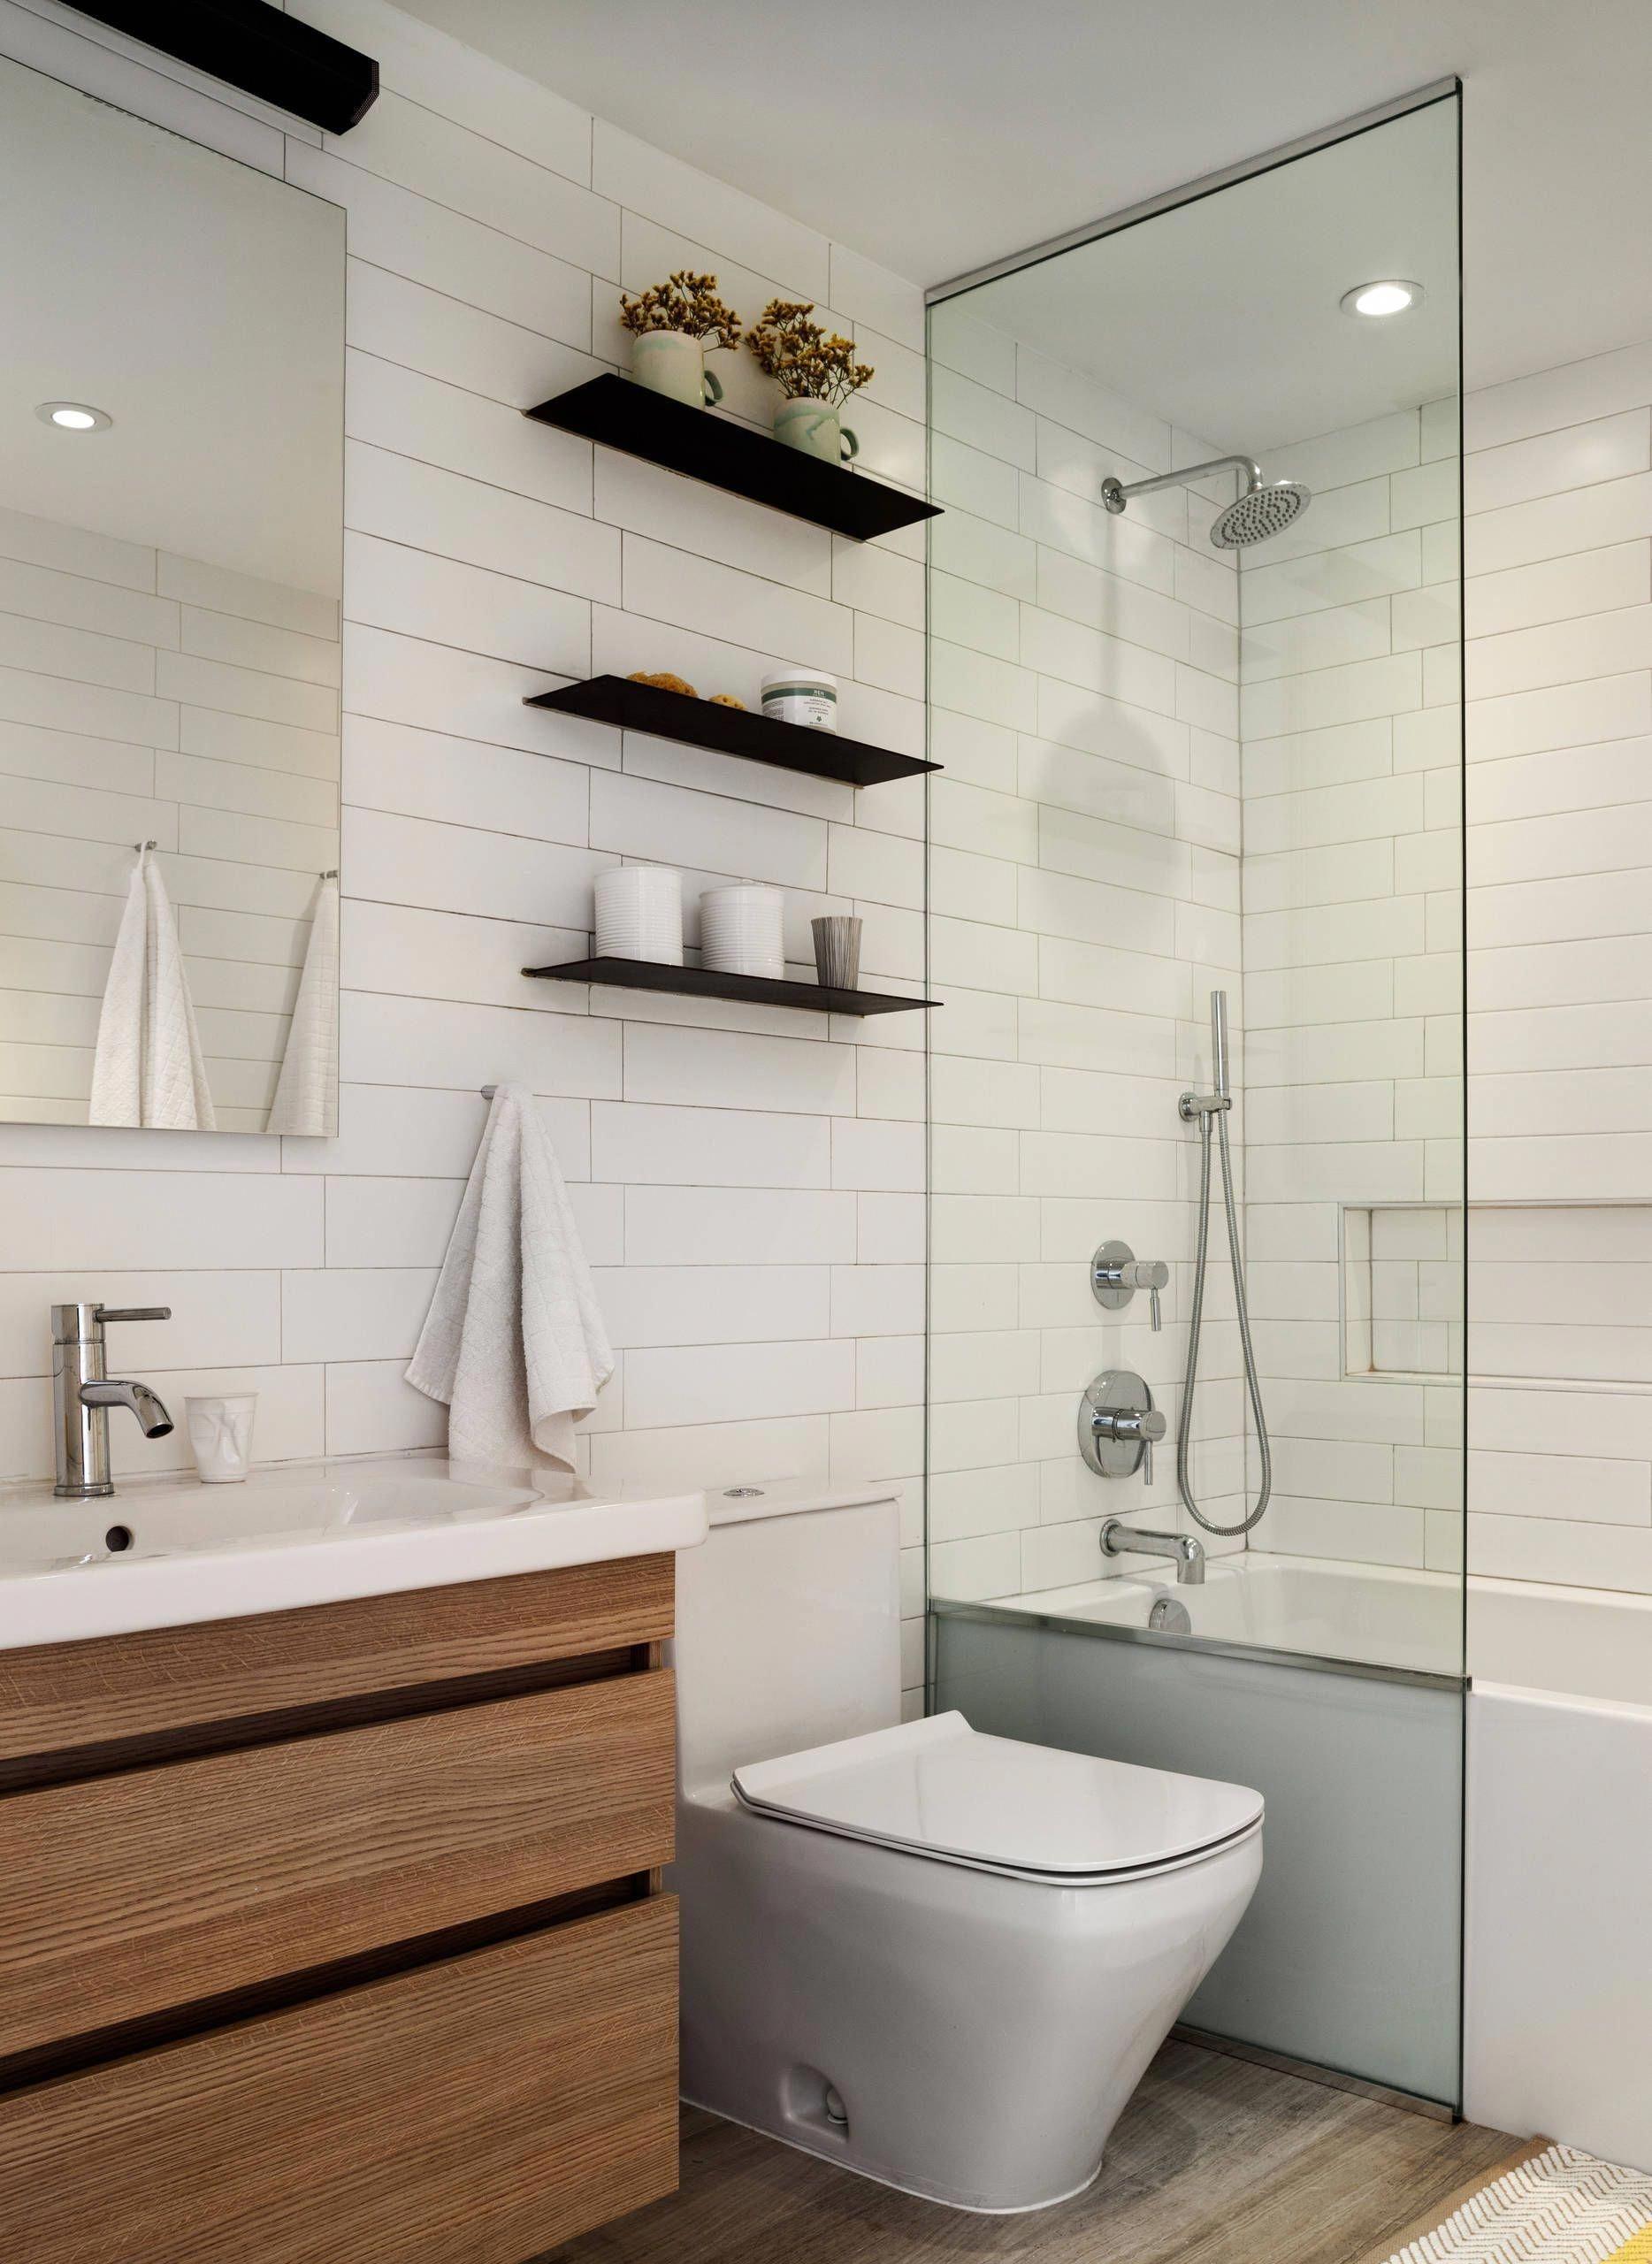 Floating Glass Shelves For Bathroom 2